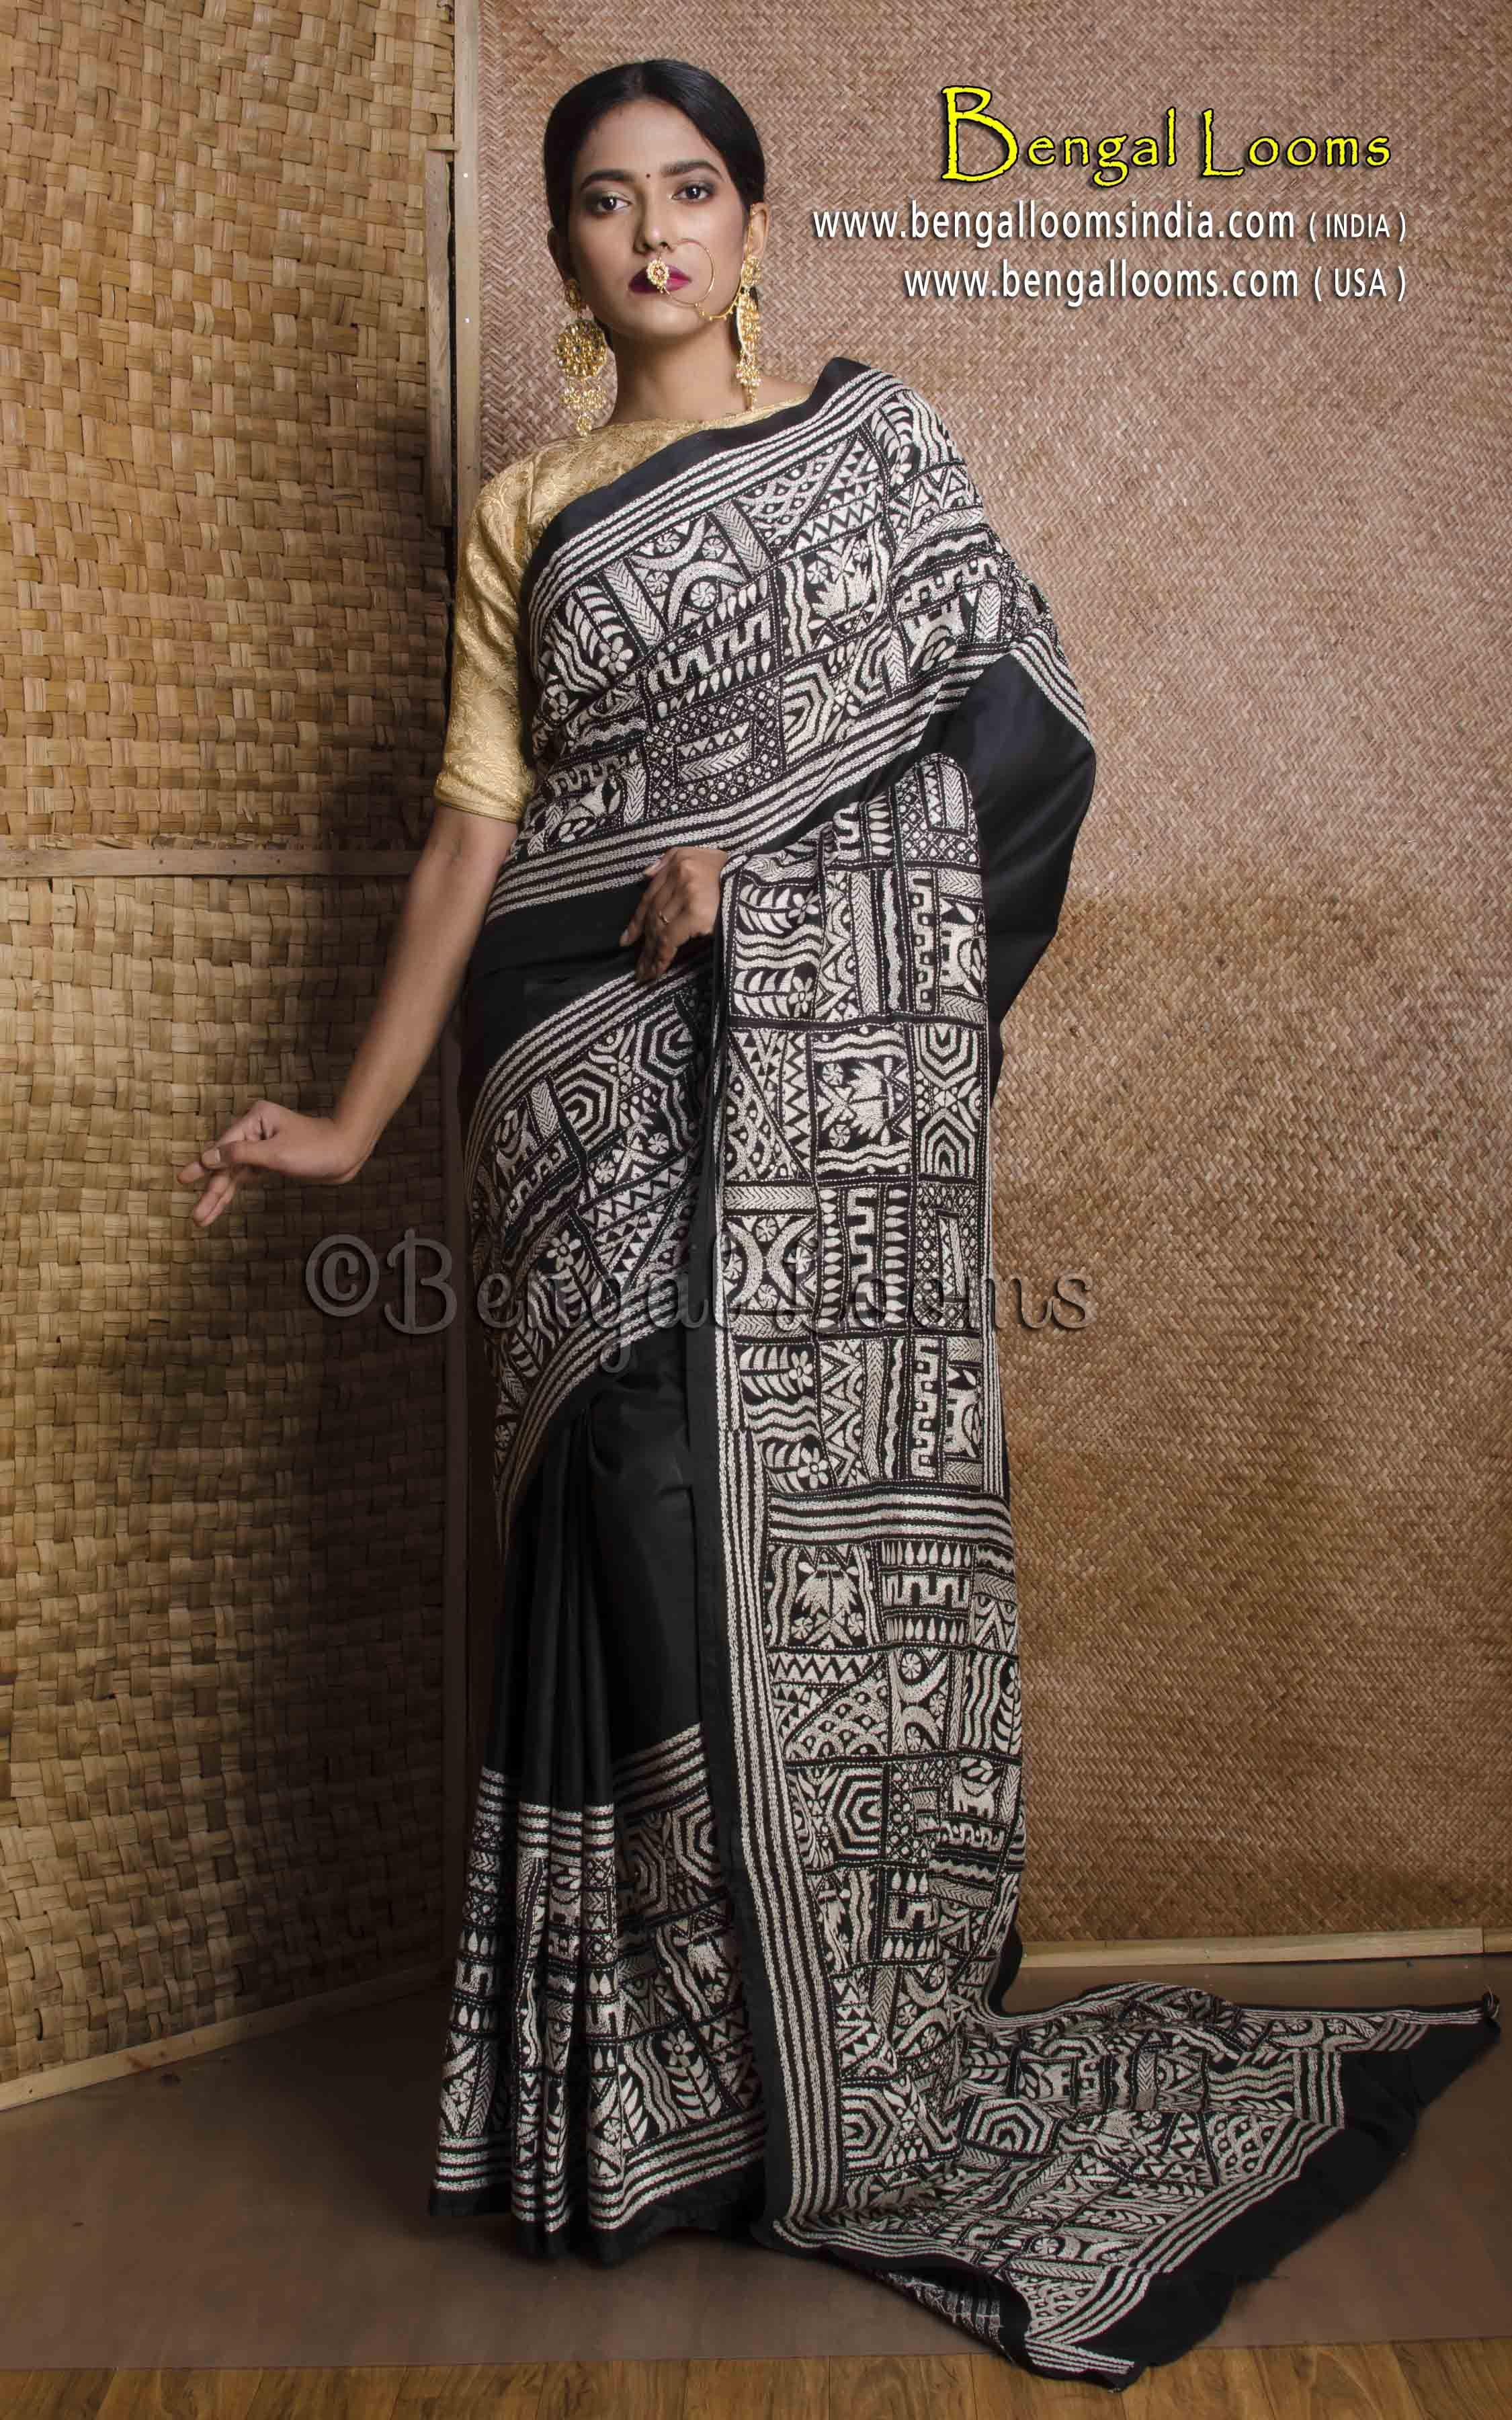 1bdec27812743 Hand Work Kantha Stitch Saree on Pure Silk in Black and White ...